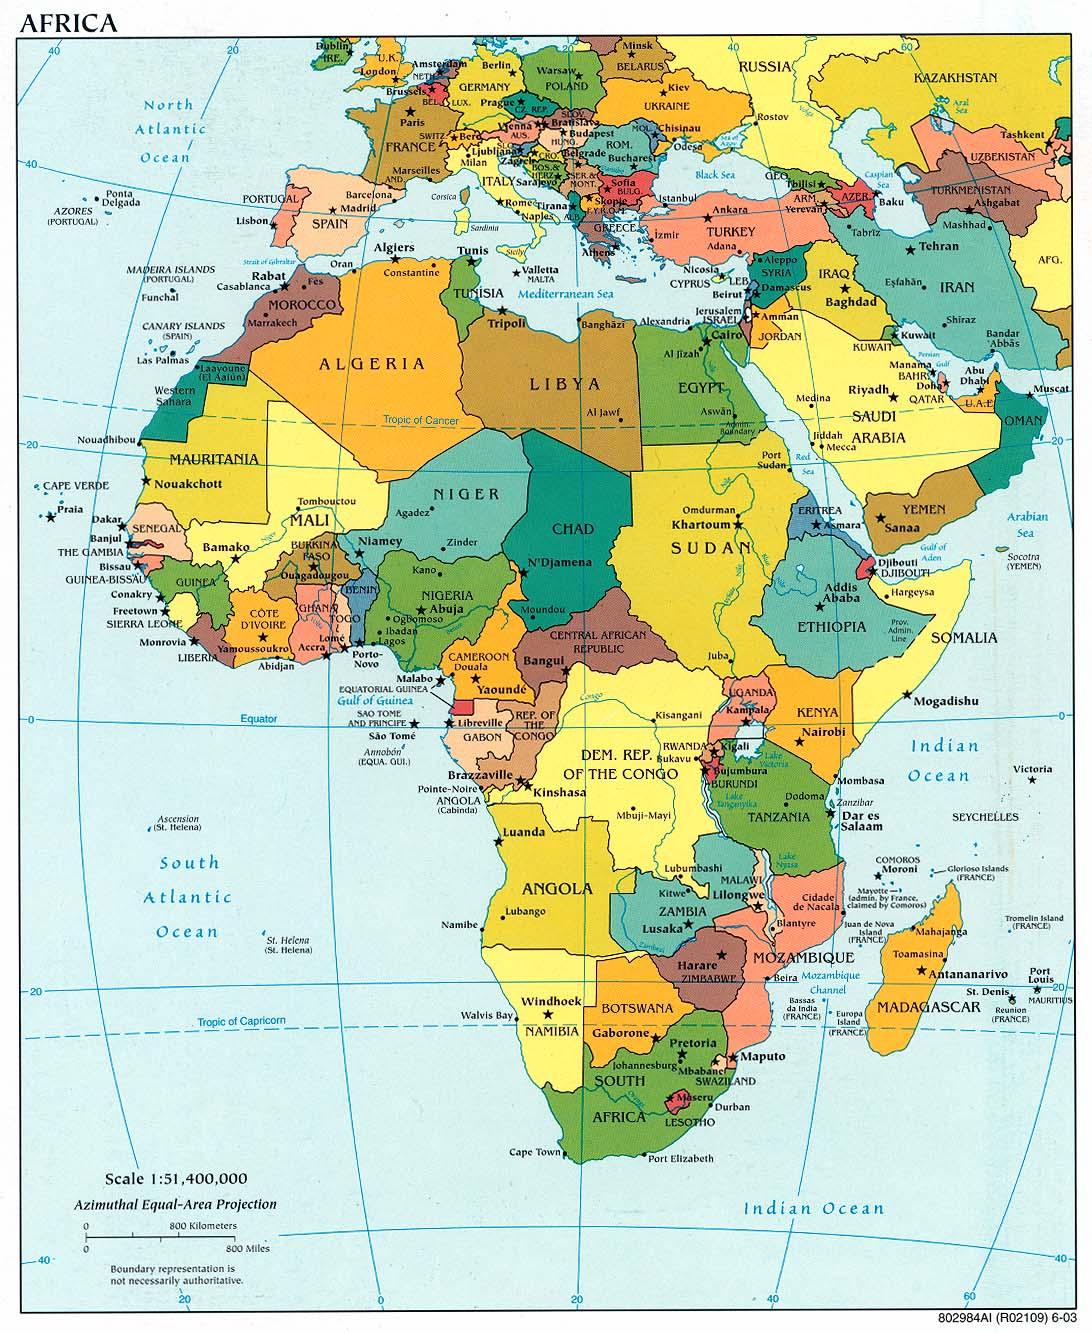 L Africa Cartina Geografica.Mappa Dell Africa Politica Carta Politica Del Continente Africano